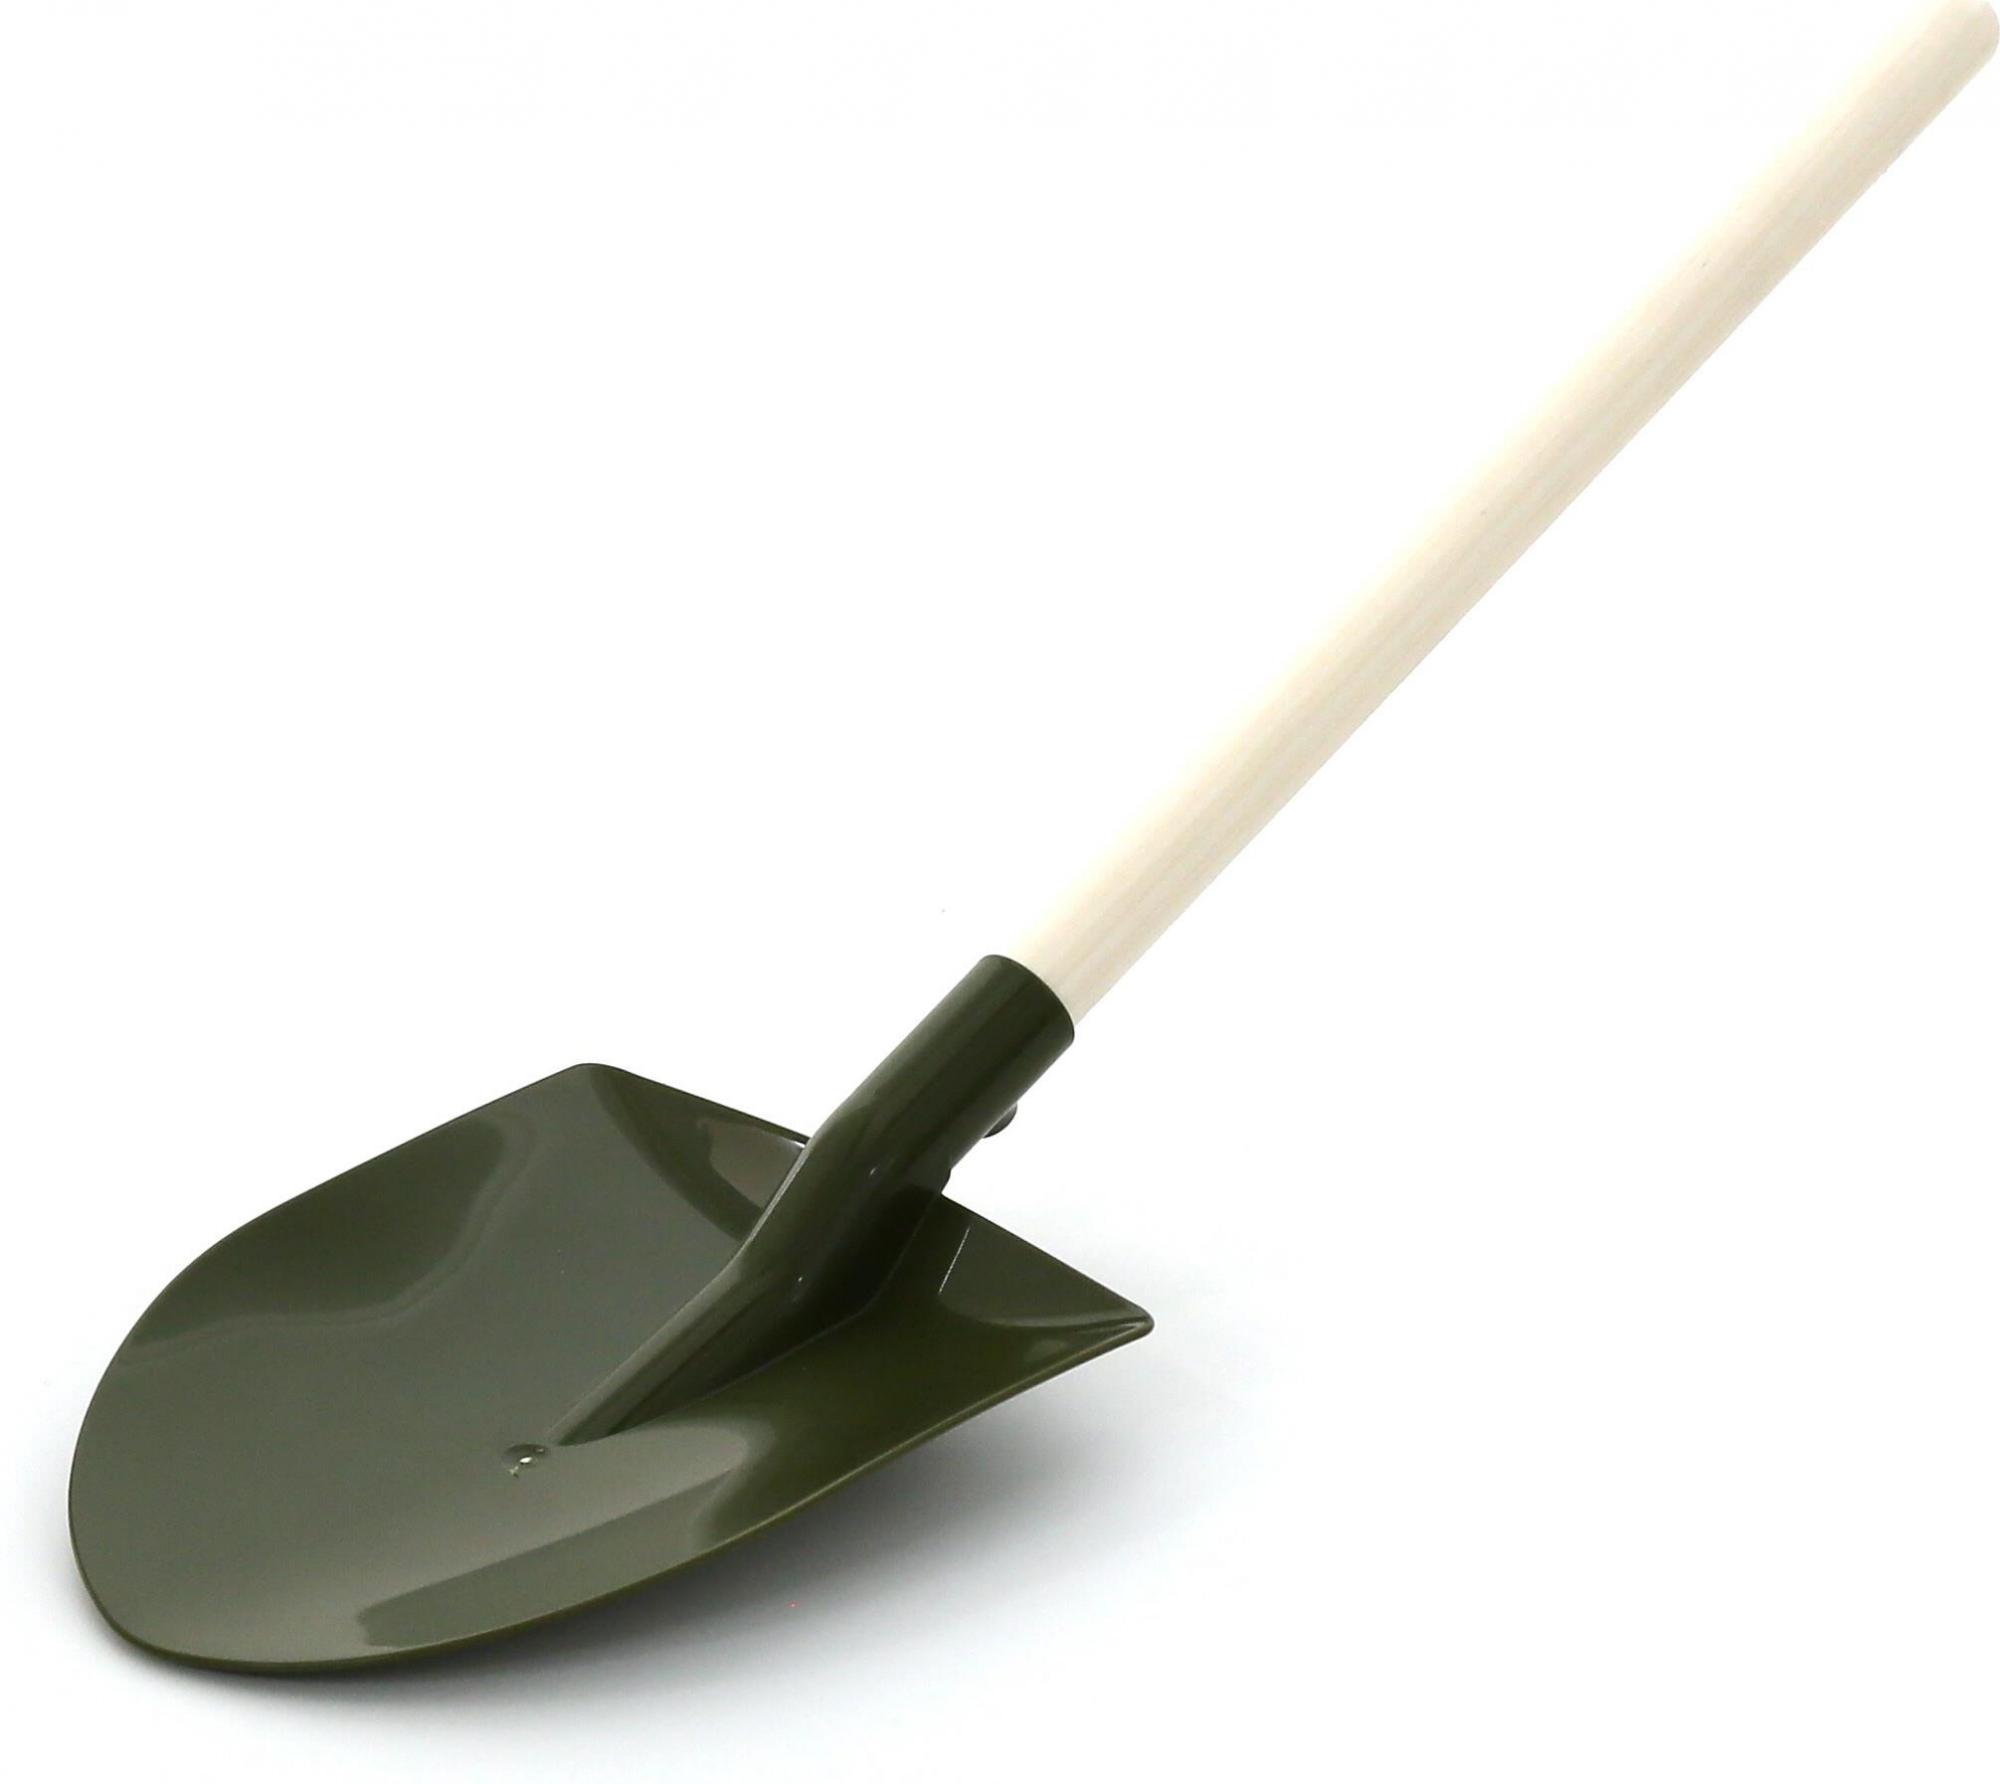 картинки черенки лопат материалам